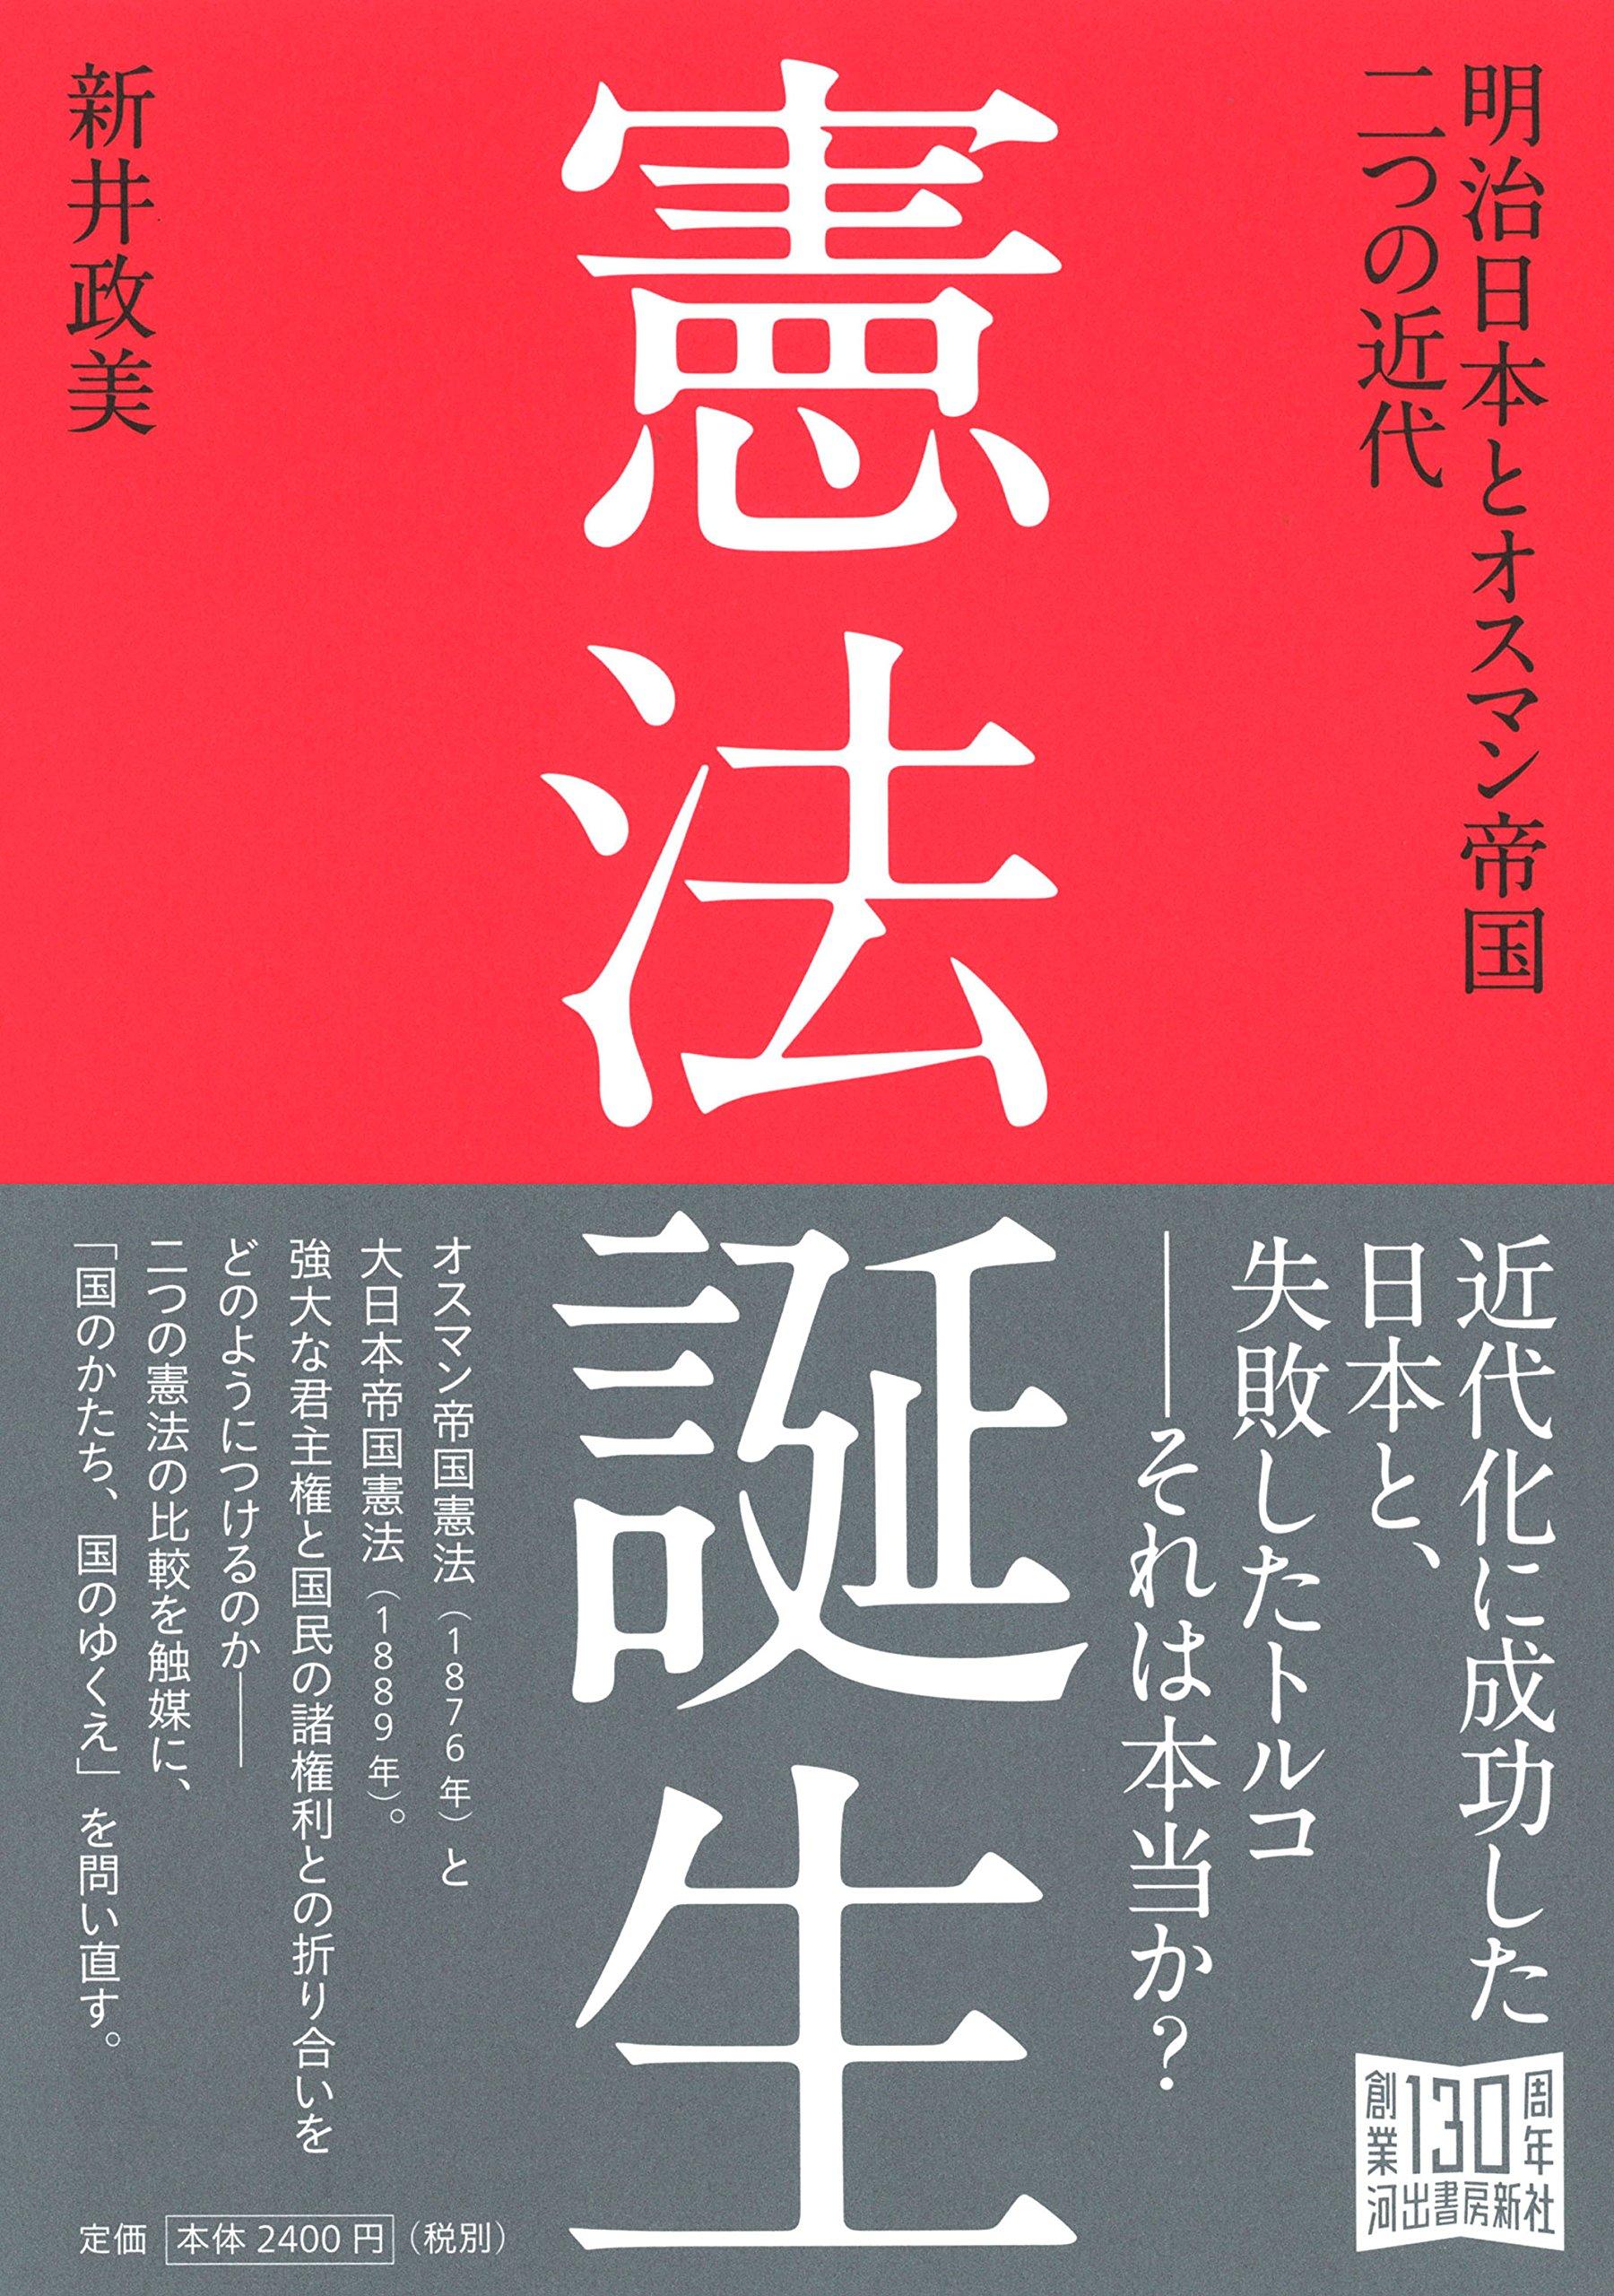 憲法 権利 国民 日本 大 帝国 の